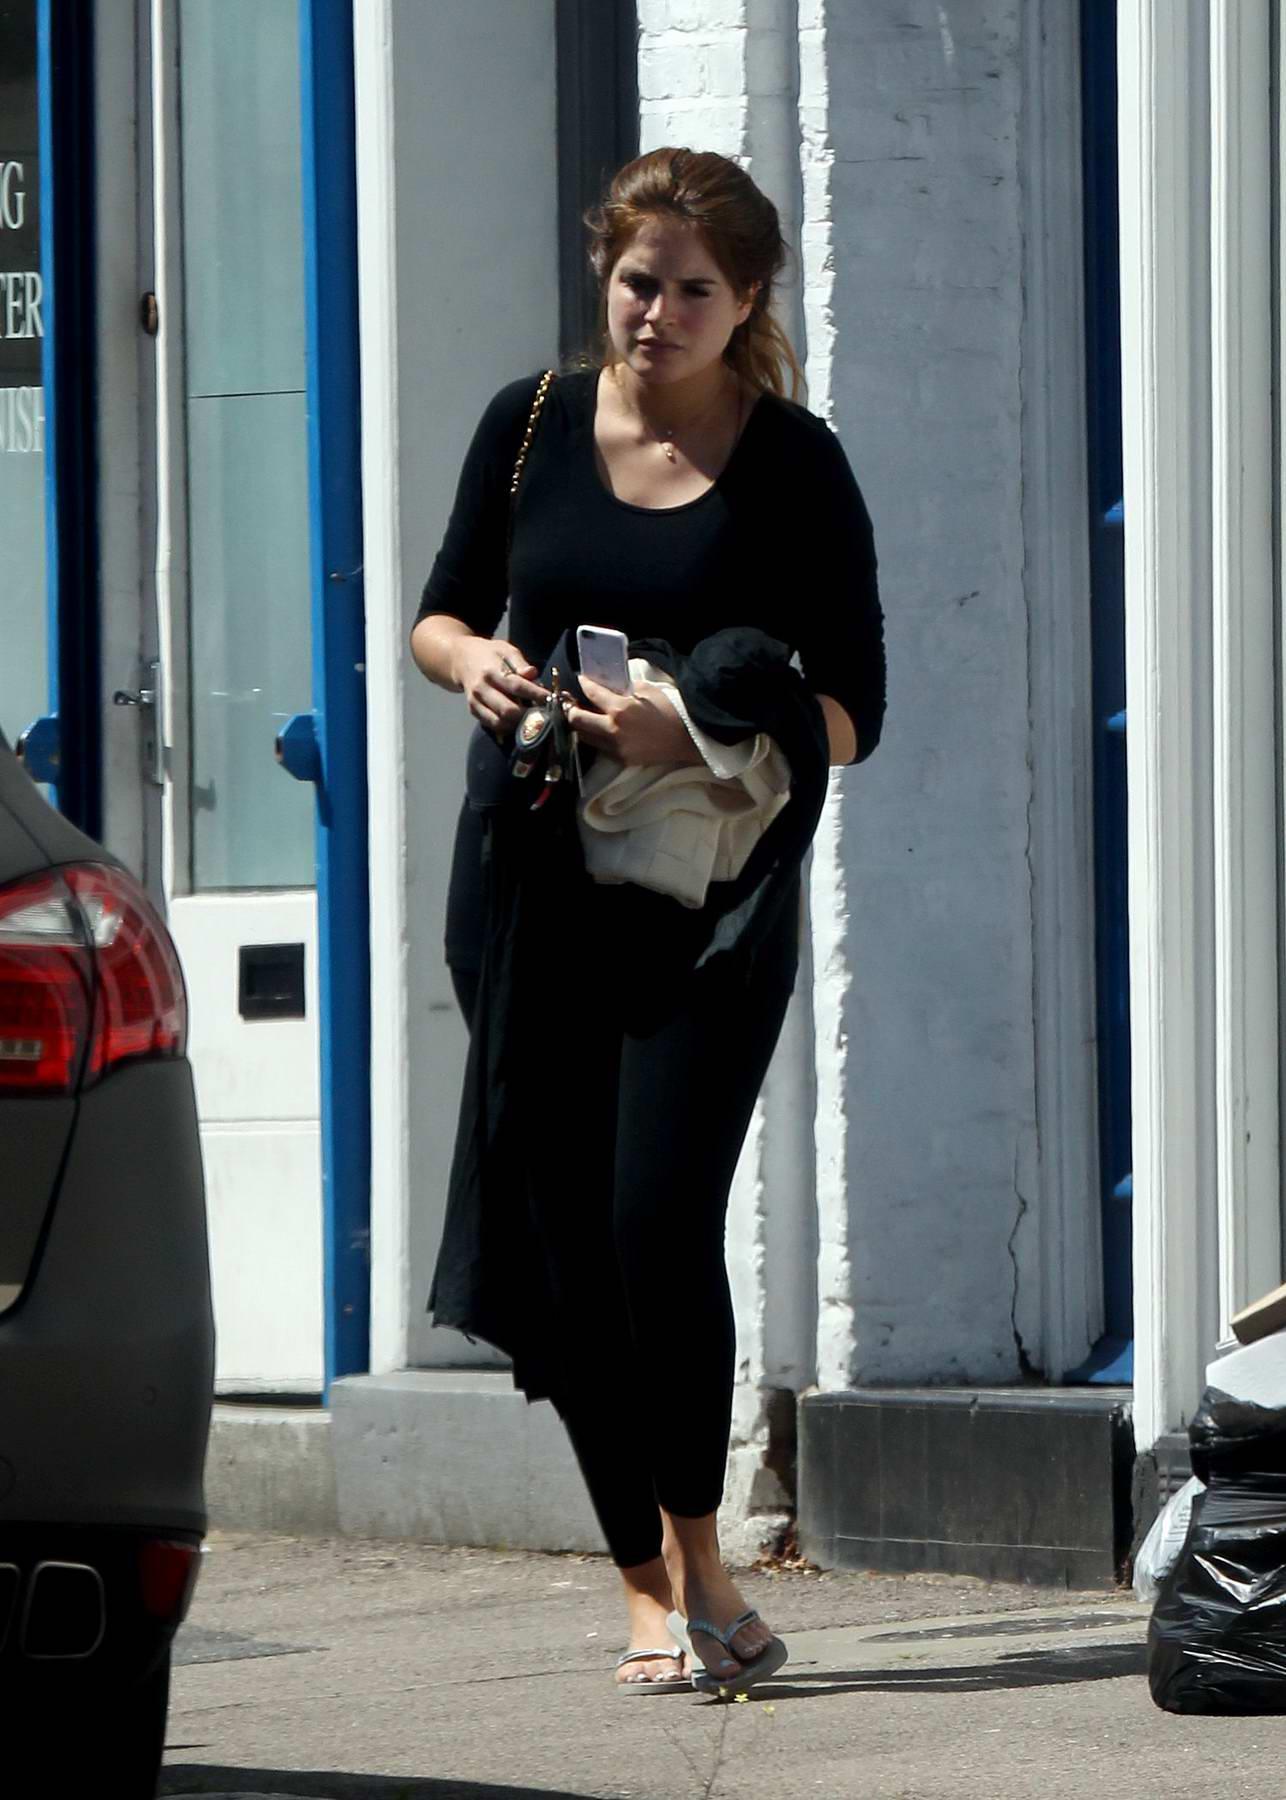 Binky Felstead leaving an Interior Designer's Office in London